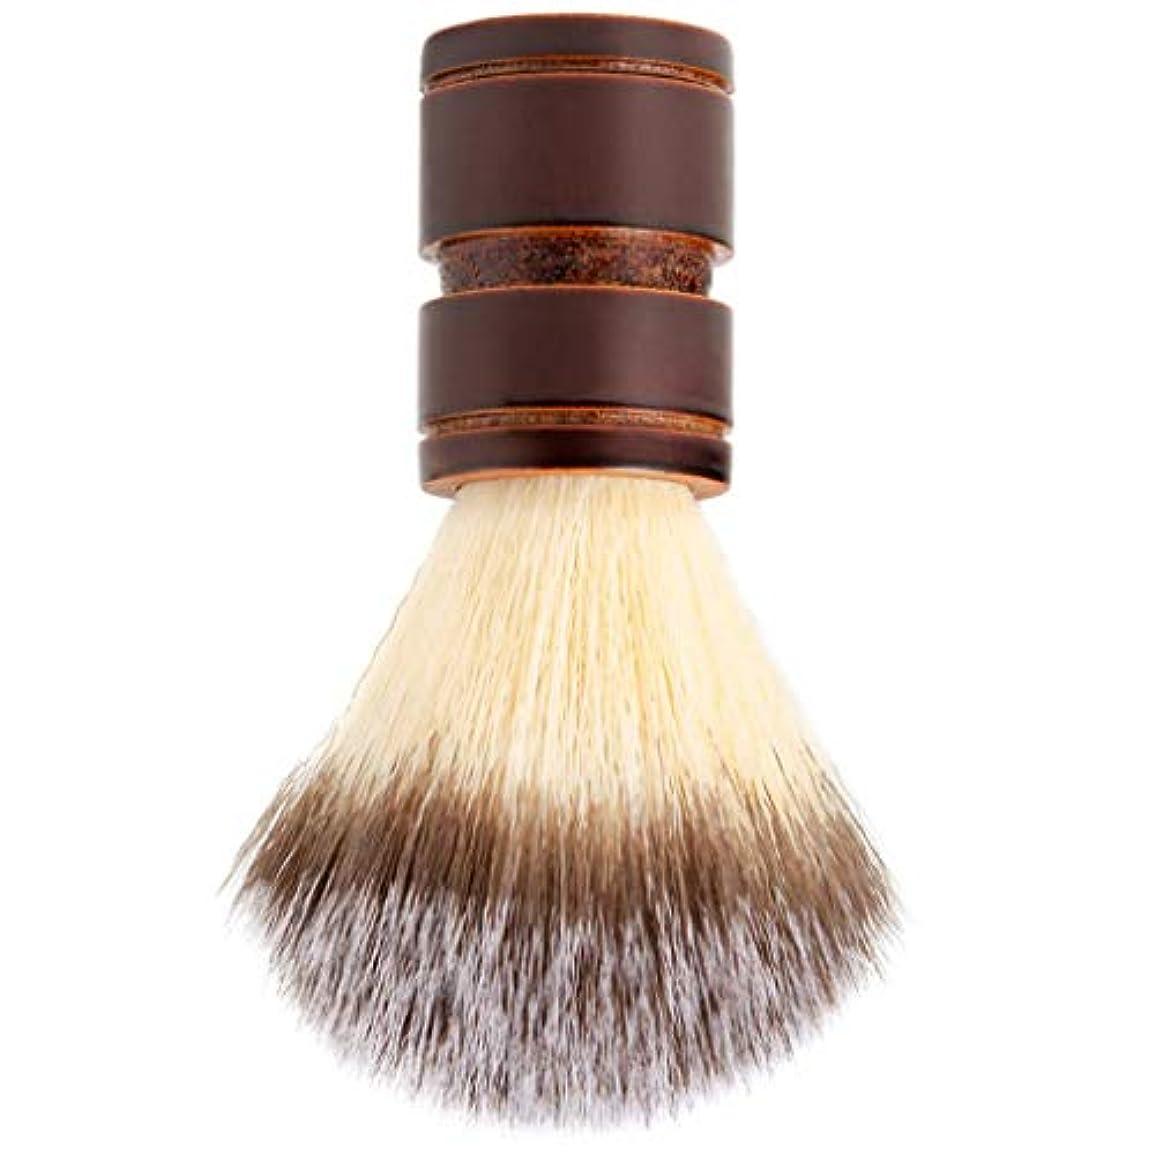 バケツだらしない陰謀ひげブラシ メンズ シェービングブラシ 毛髭ブラシ 髭剃り ポータブル ひげ剃り 美容ツール